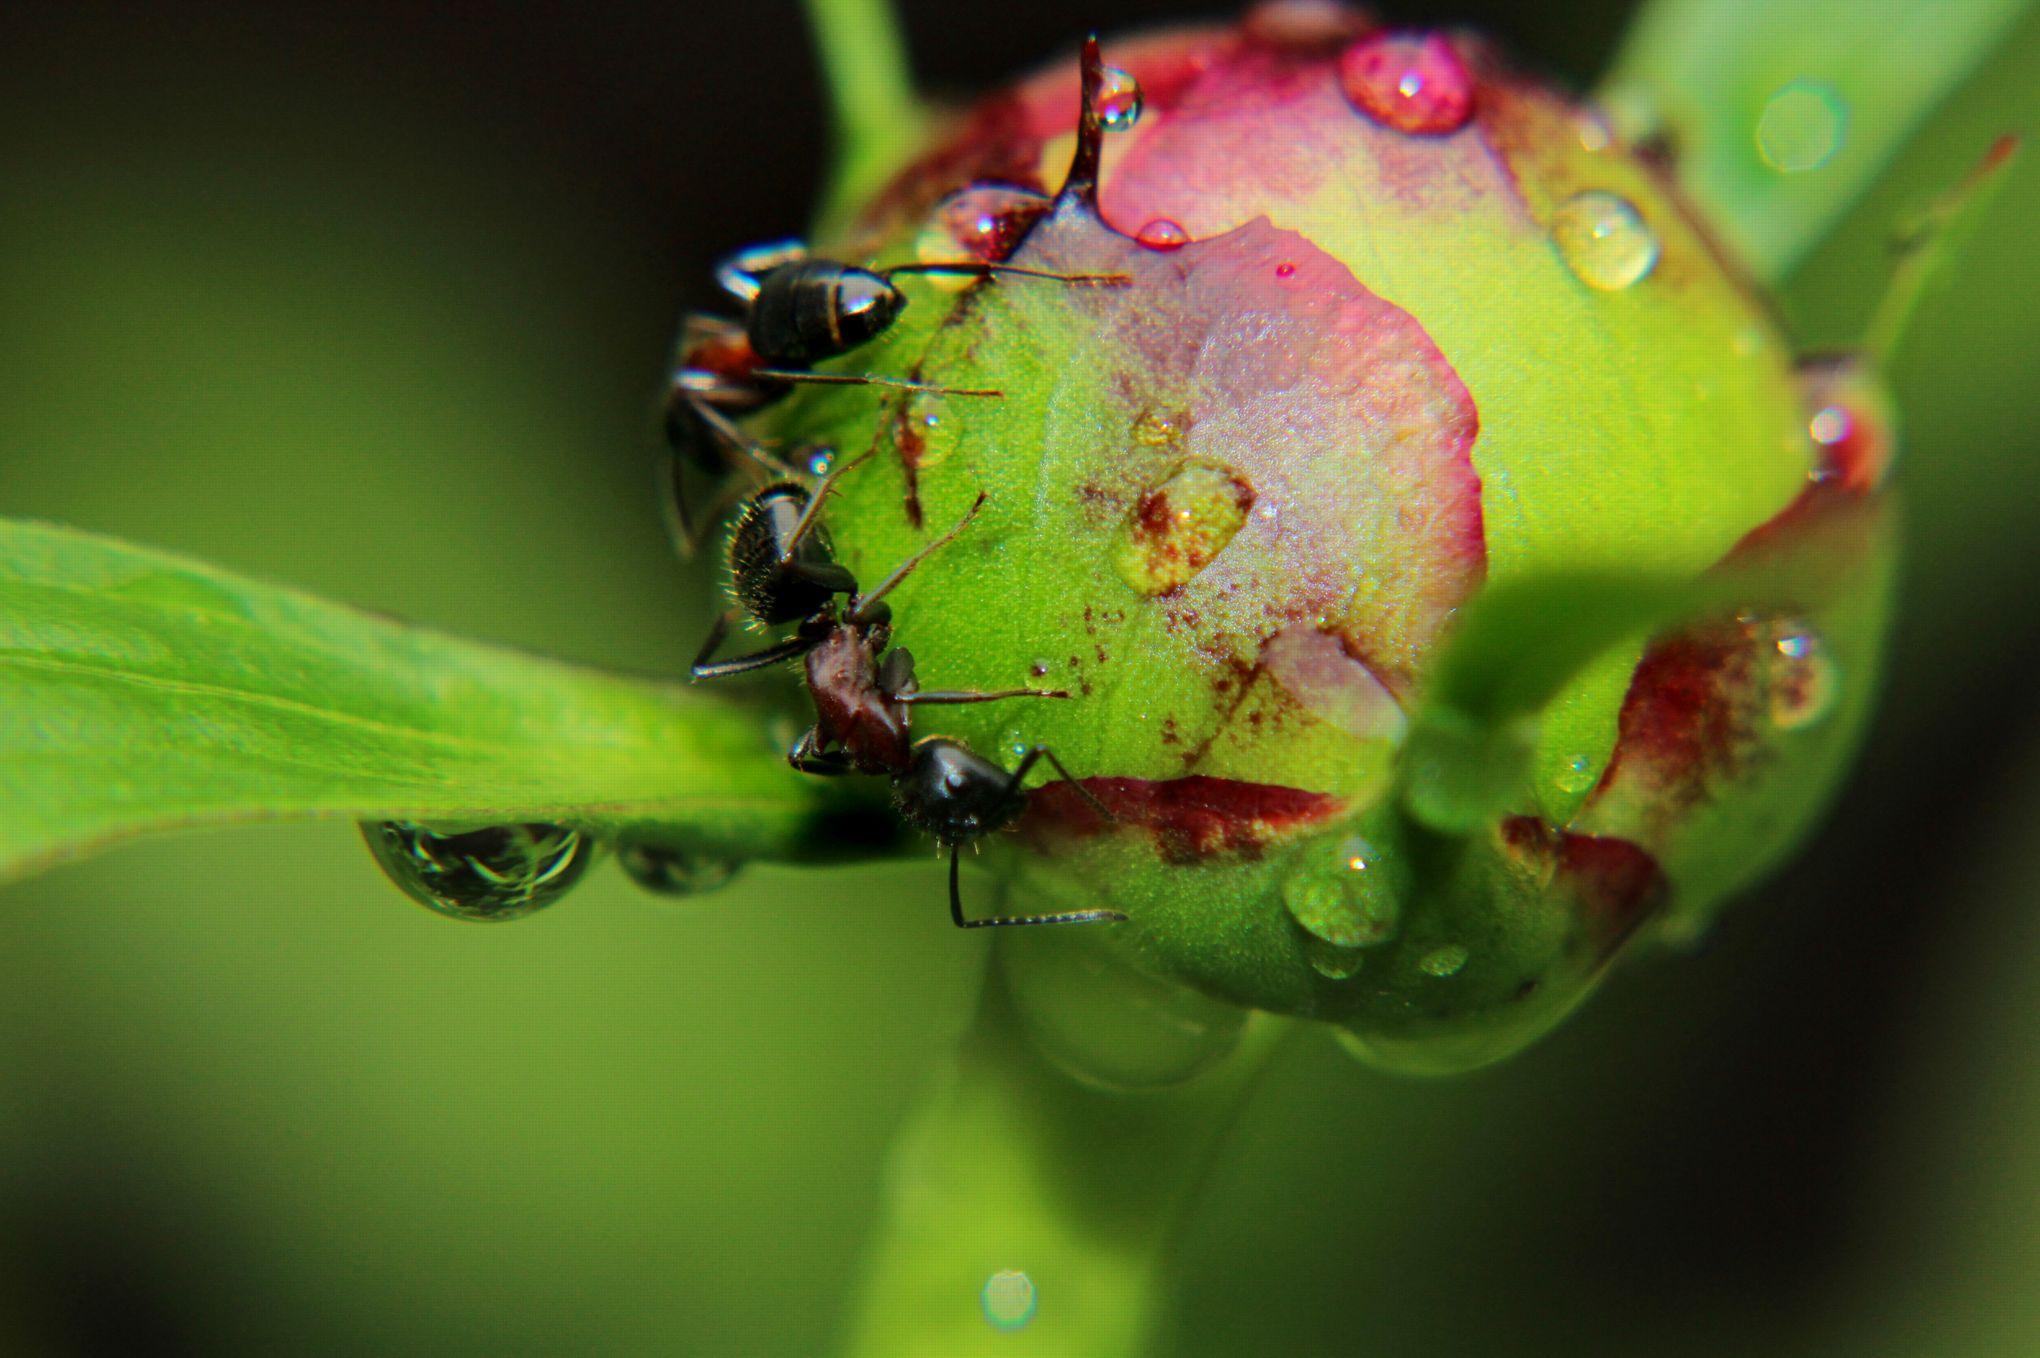 Les fourmis sont elles nuisibles dans un jardin - Fourmis dans le jardin ...